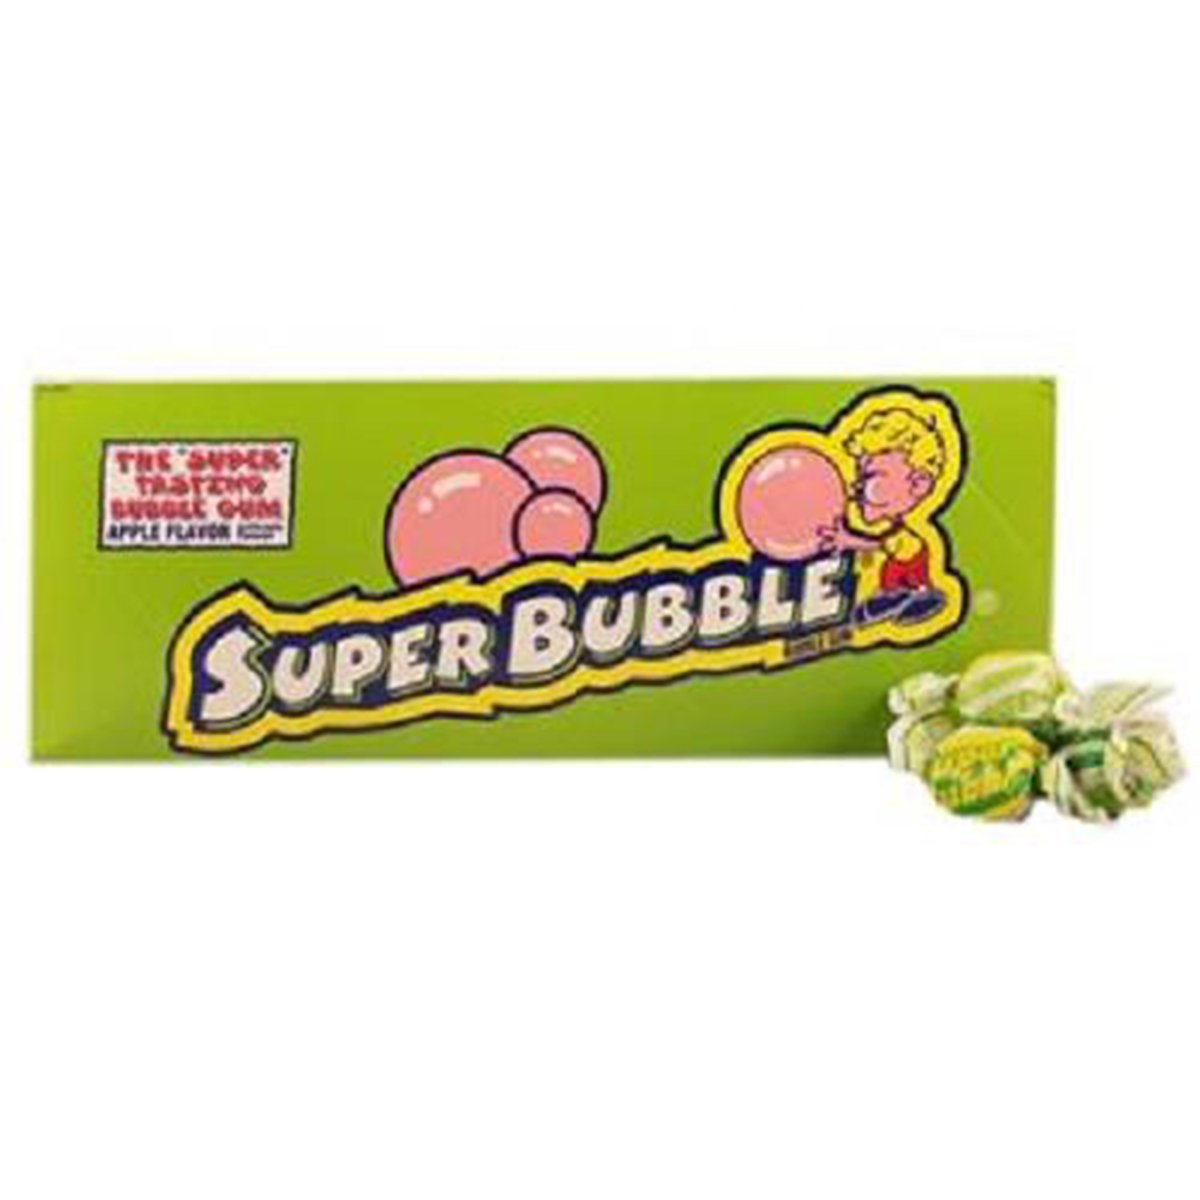 Product Of Super Bubble, Bubble Gum Apple, Count 300 - Gum / Grab Varieties & Flavors